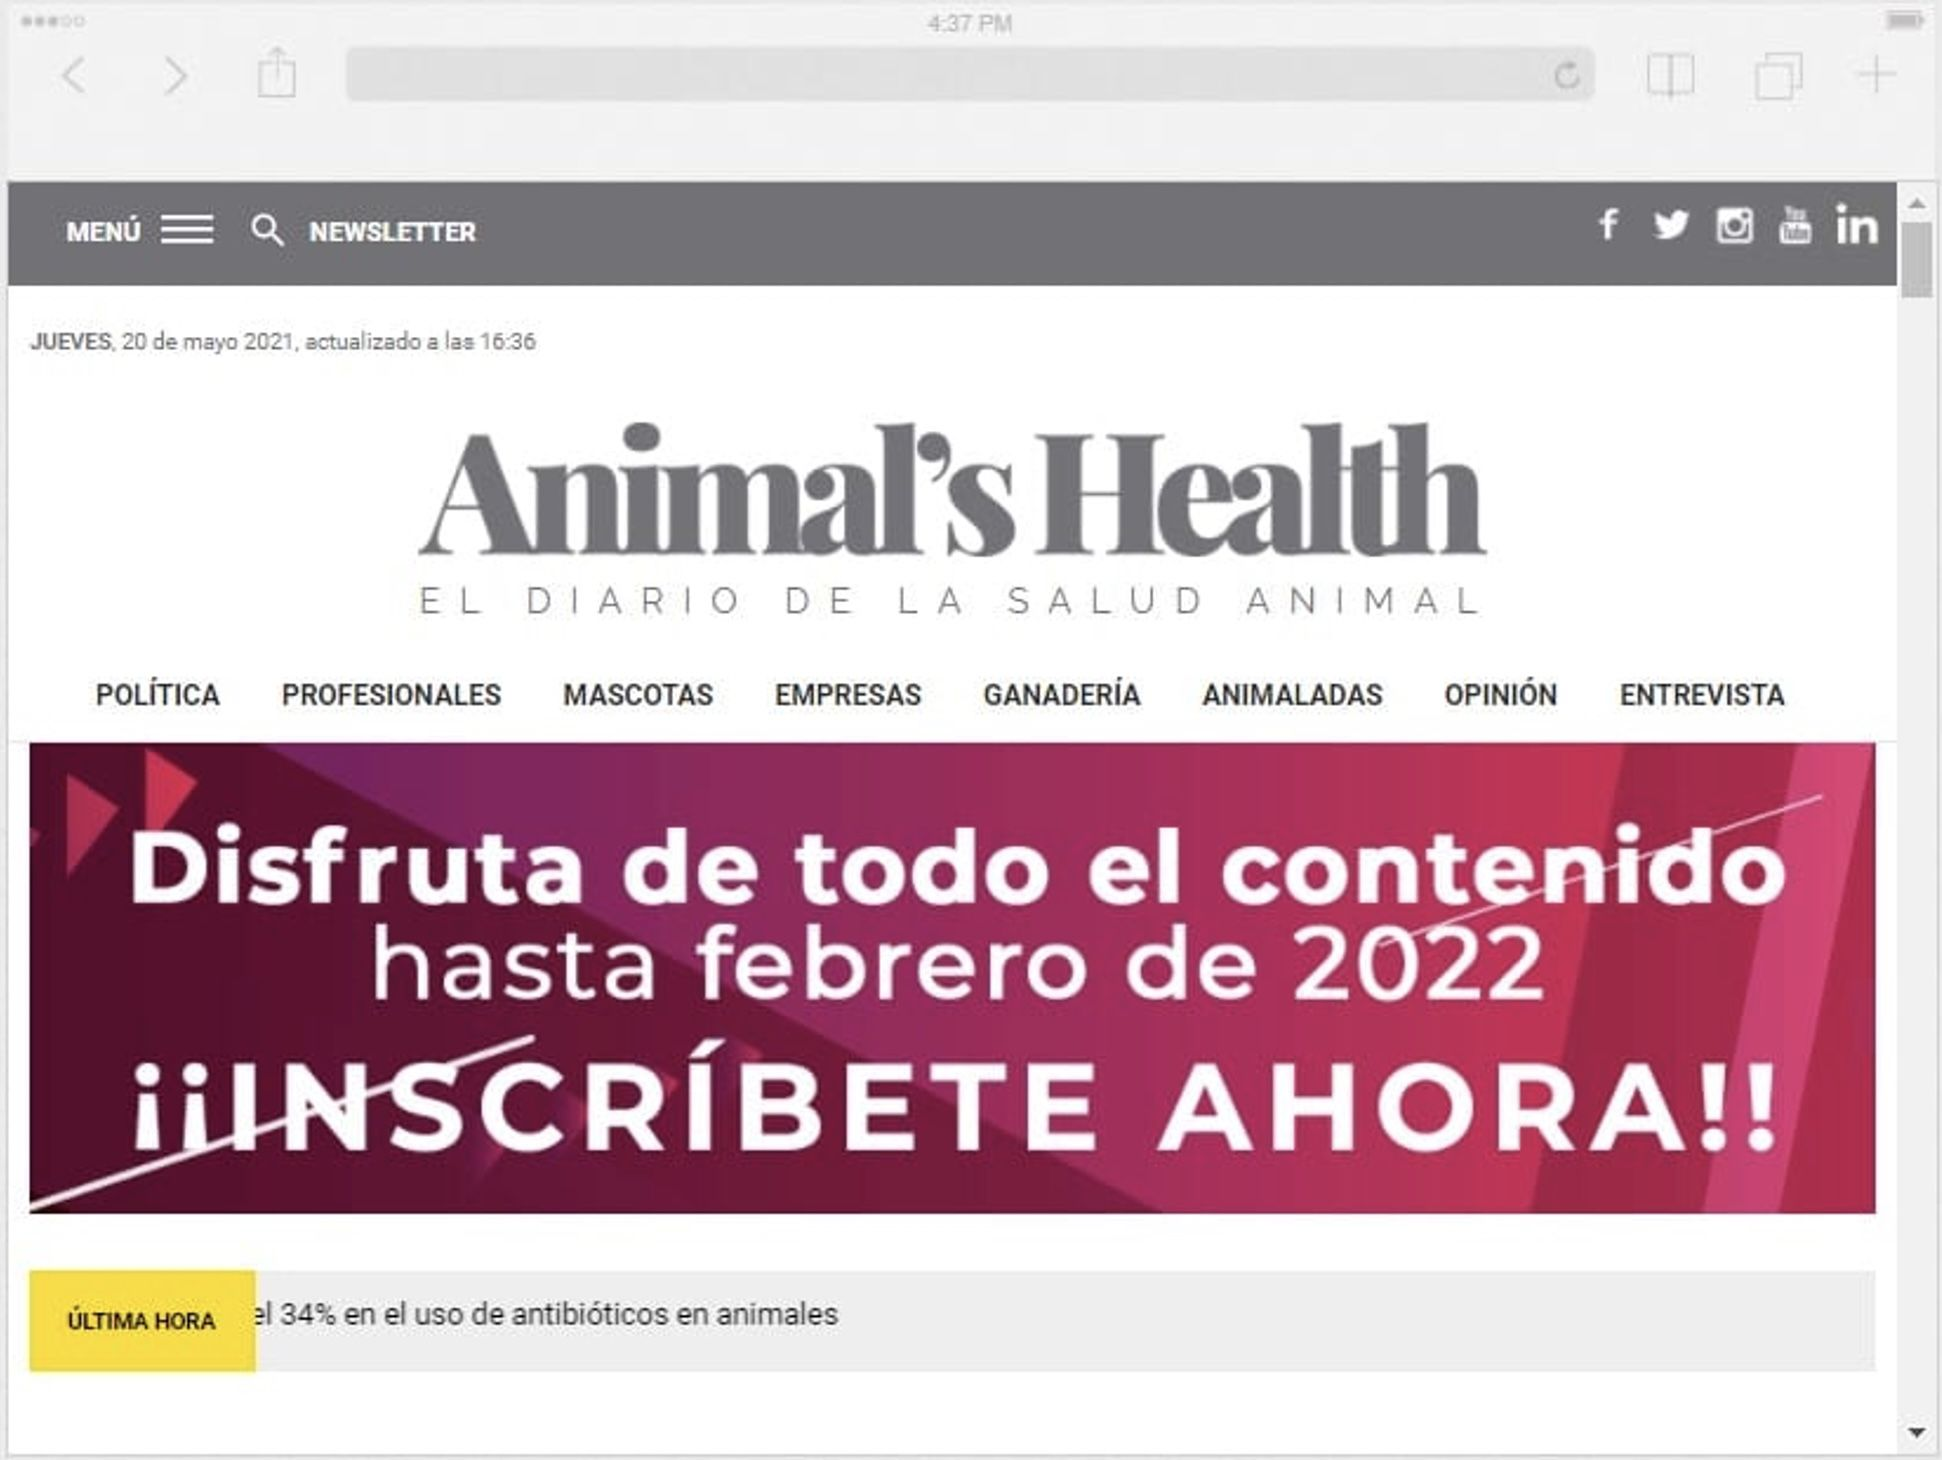 El diario veterinario Animal's Health estrena nueva imagen y mejoras en su diseño